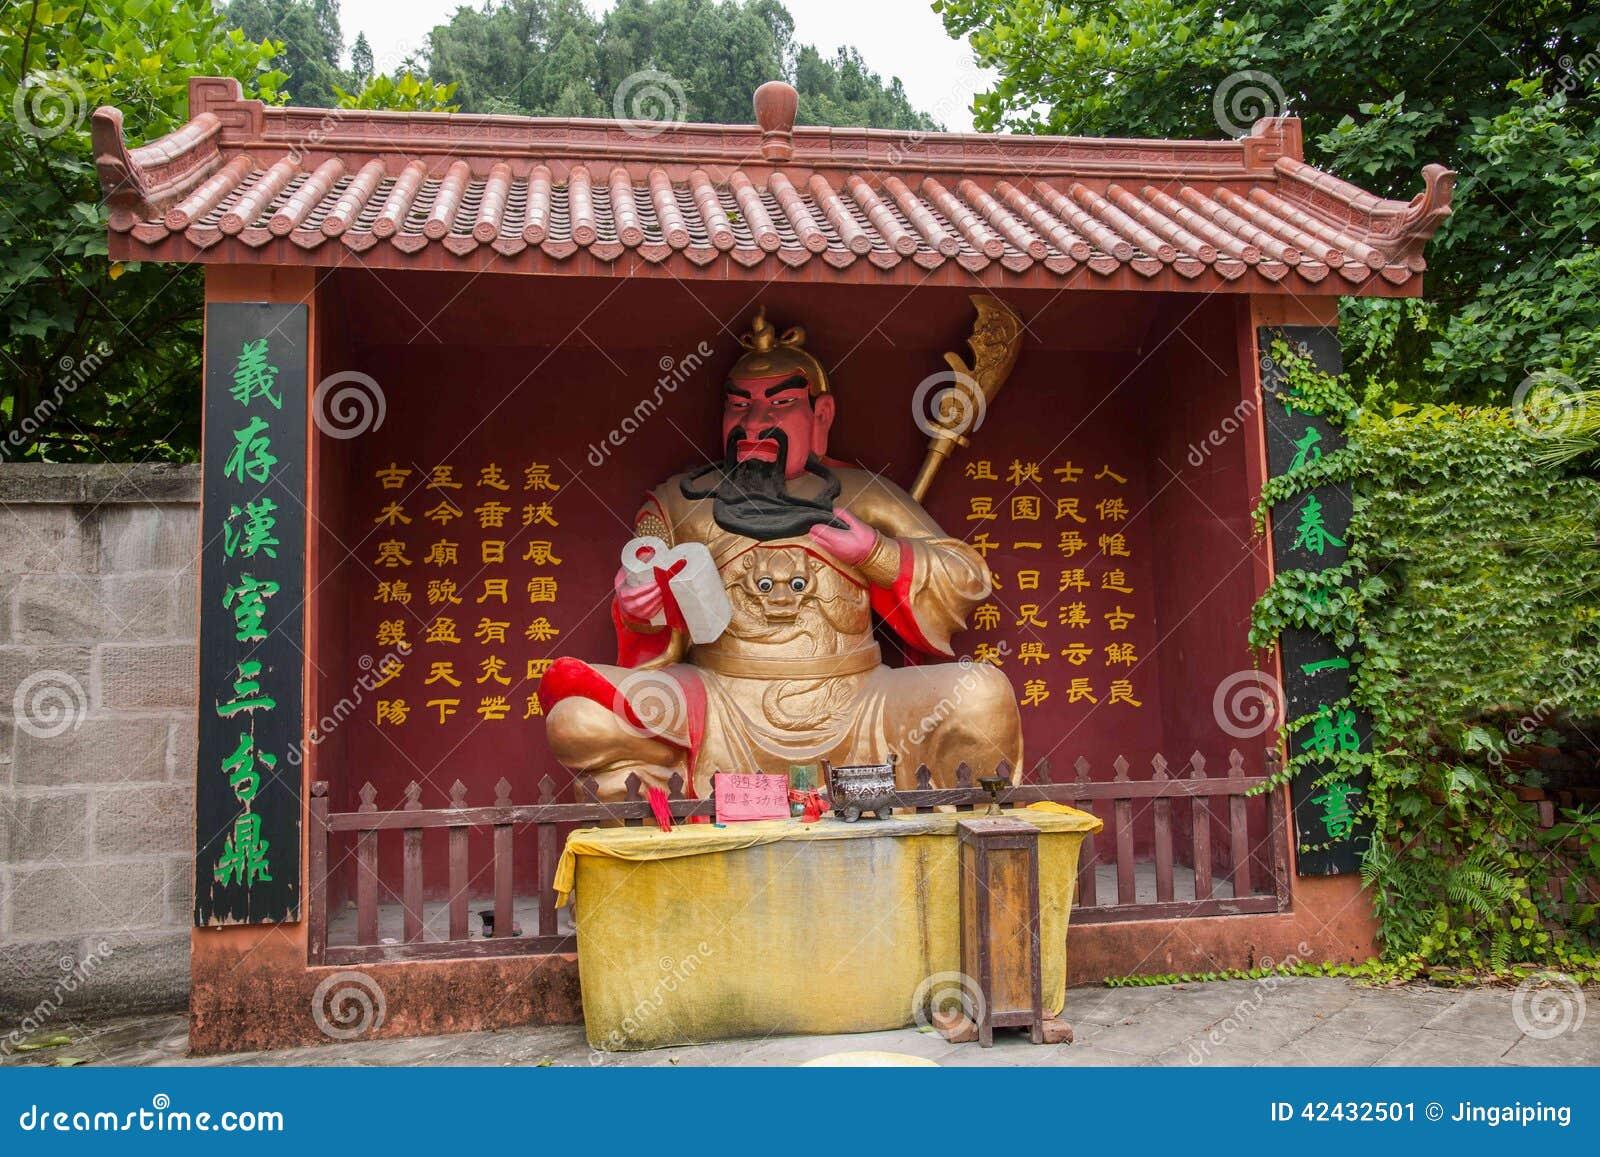 Chongqing Dong Guan Gong Quan Buddha Cave